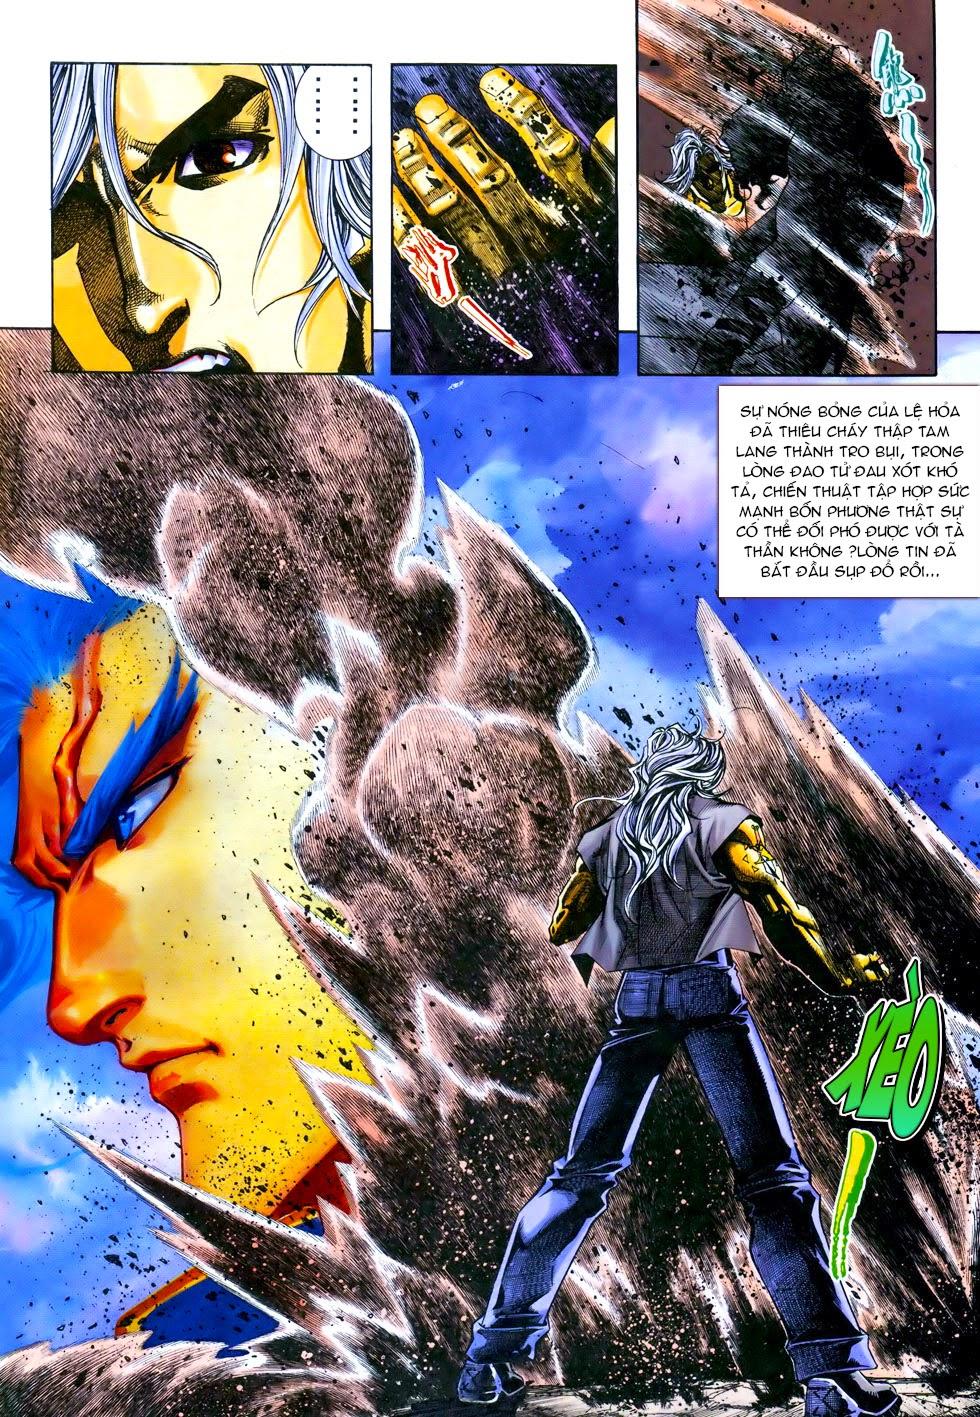 X Bạo Tộc chap 67 - Trang 4